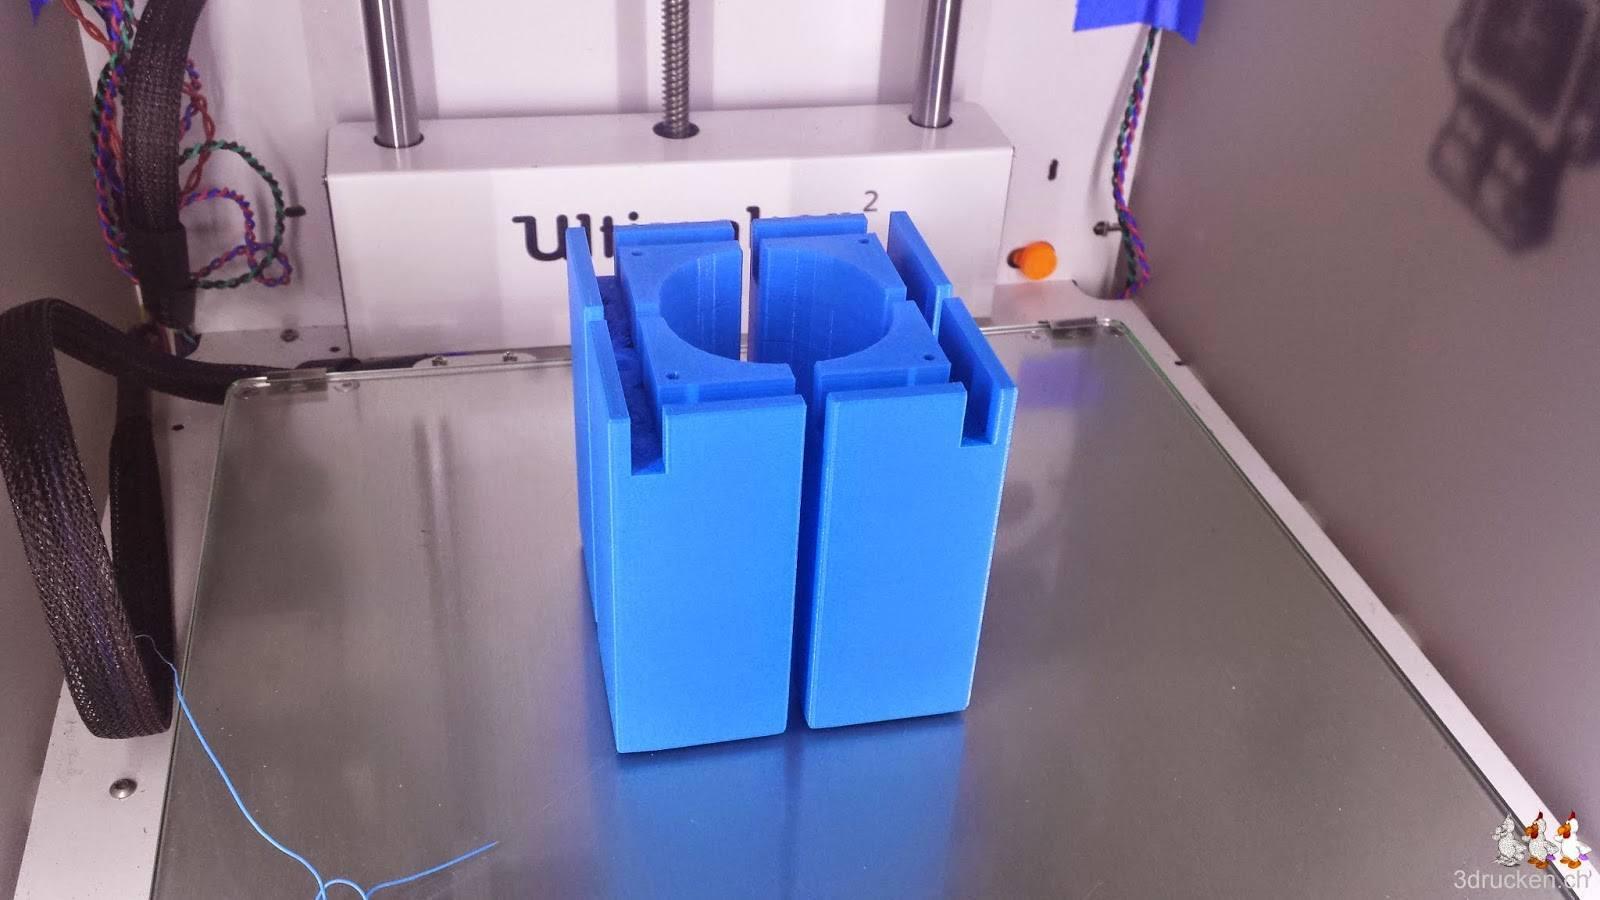 Foto der vier neu gedruckten Füsse für den Ultimaker 2 auf dem Drucktisch